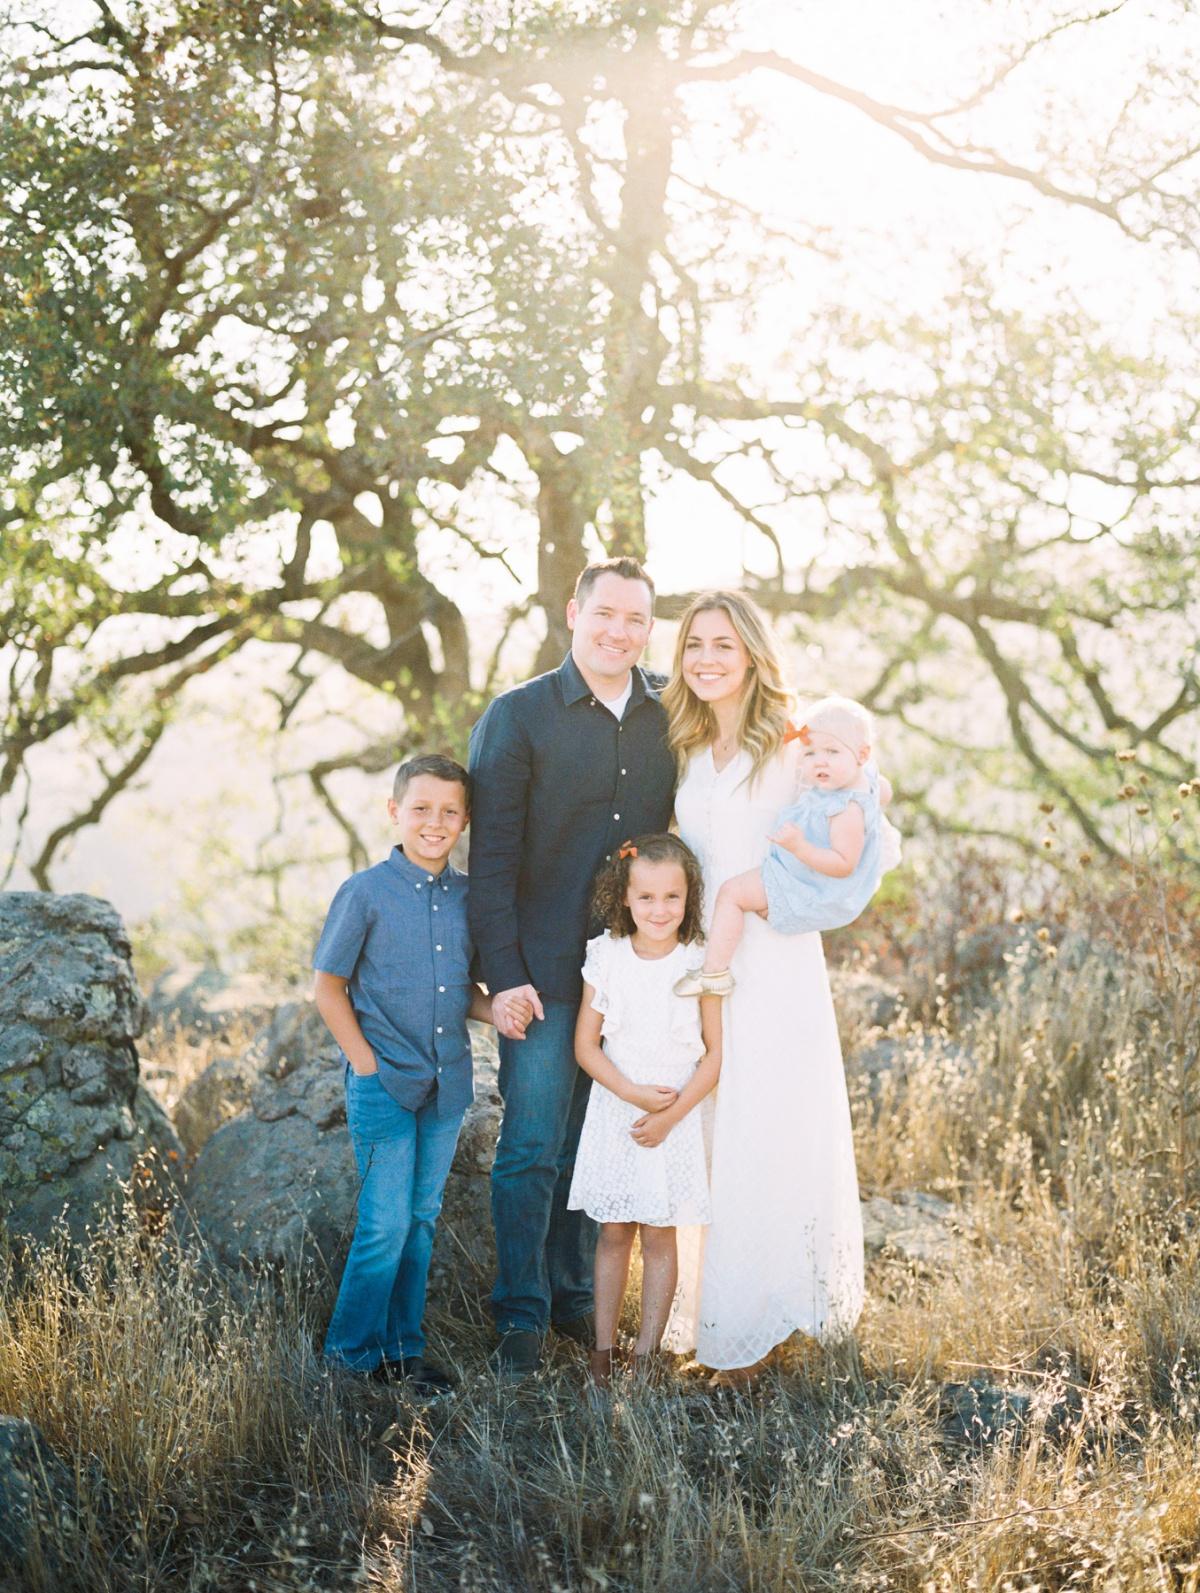 temecula-family-photography_0009.jpg